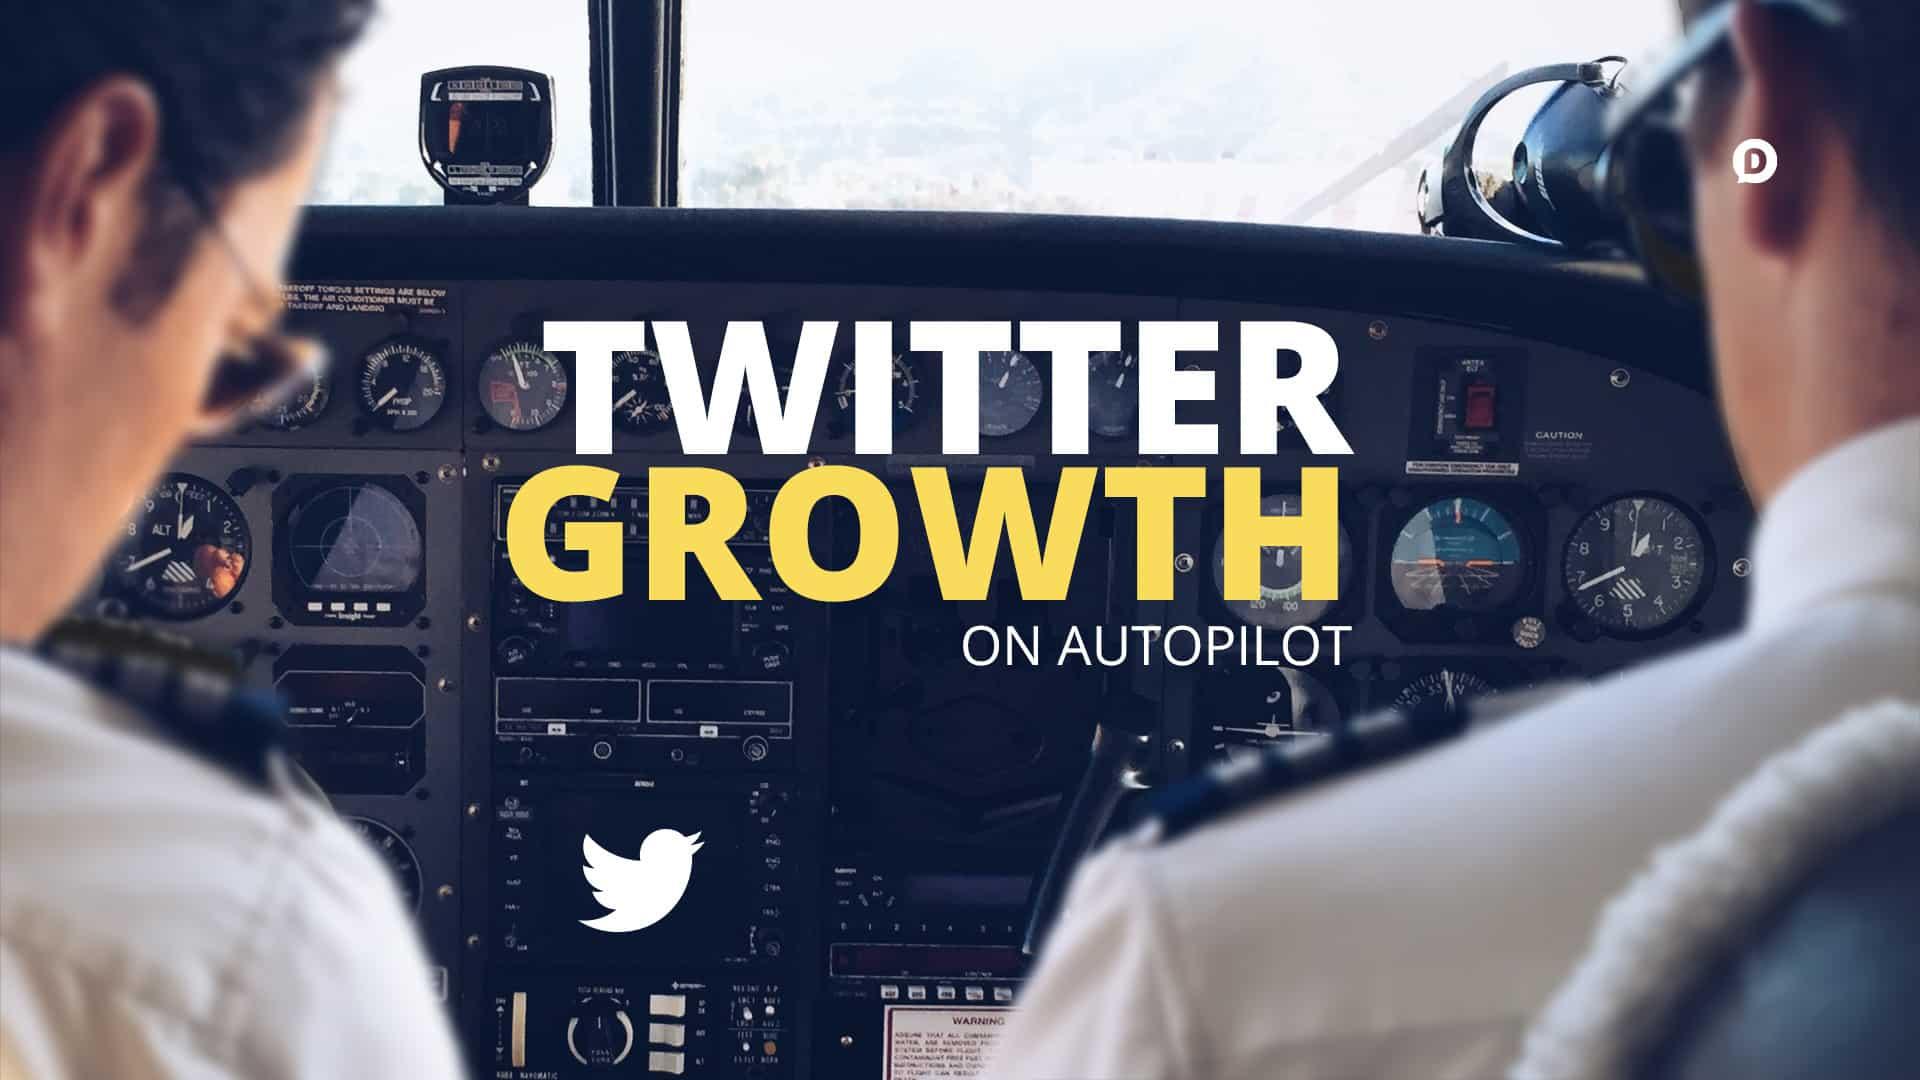 Twitter Growth on Autopilot